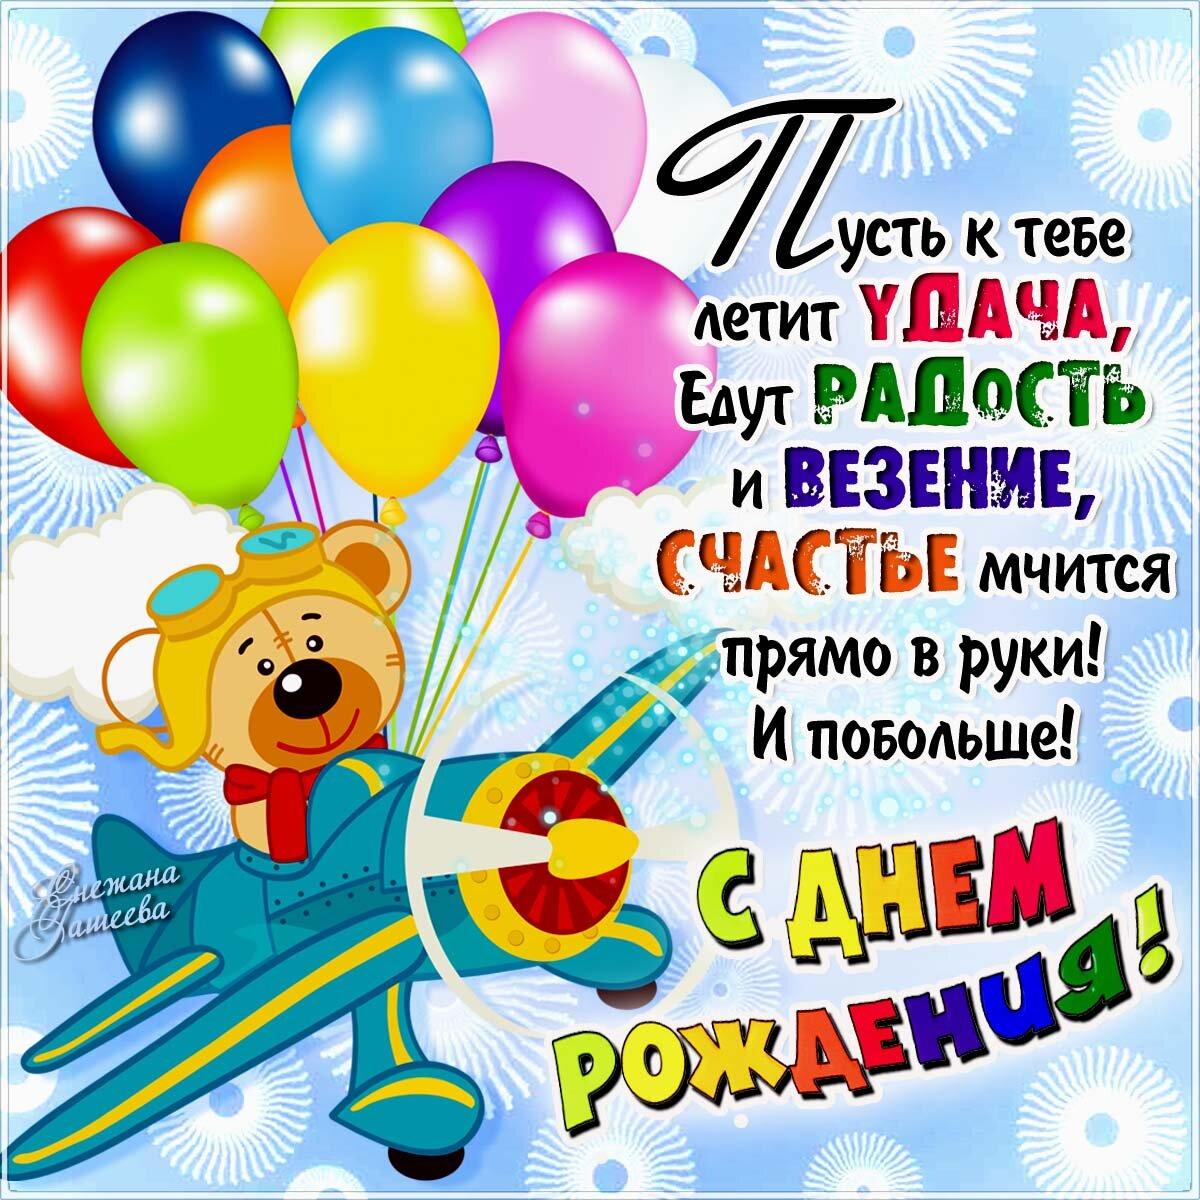 Для, поздравление с днем рождения для мальчика открытка